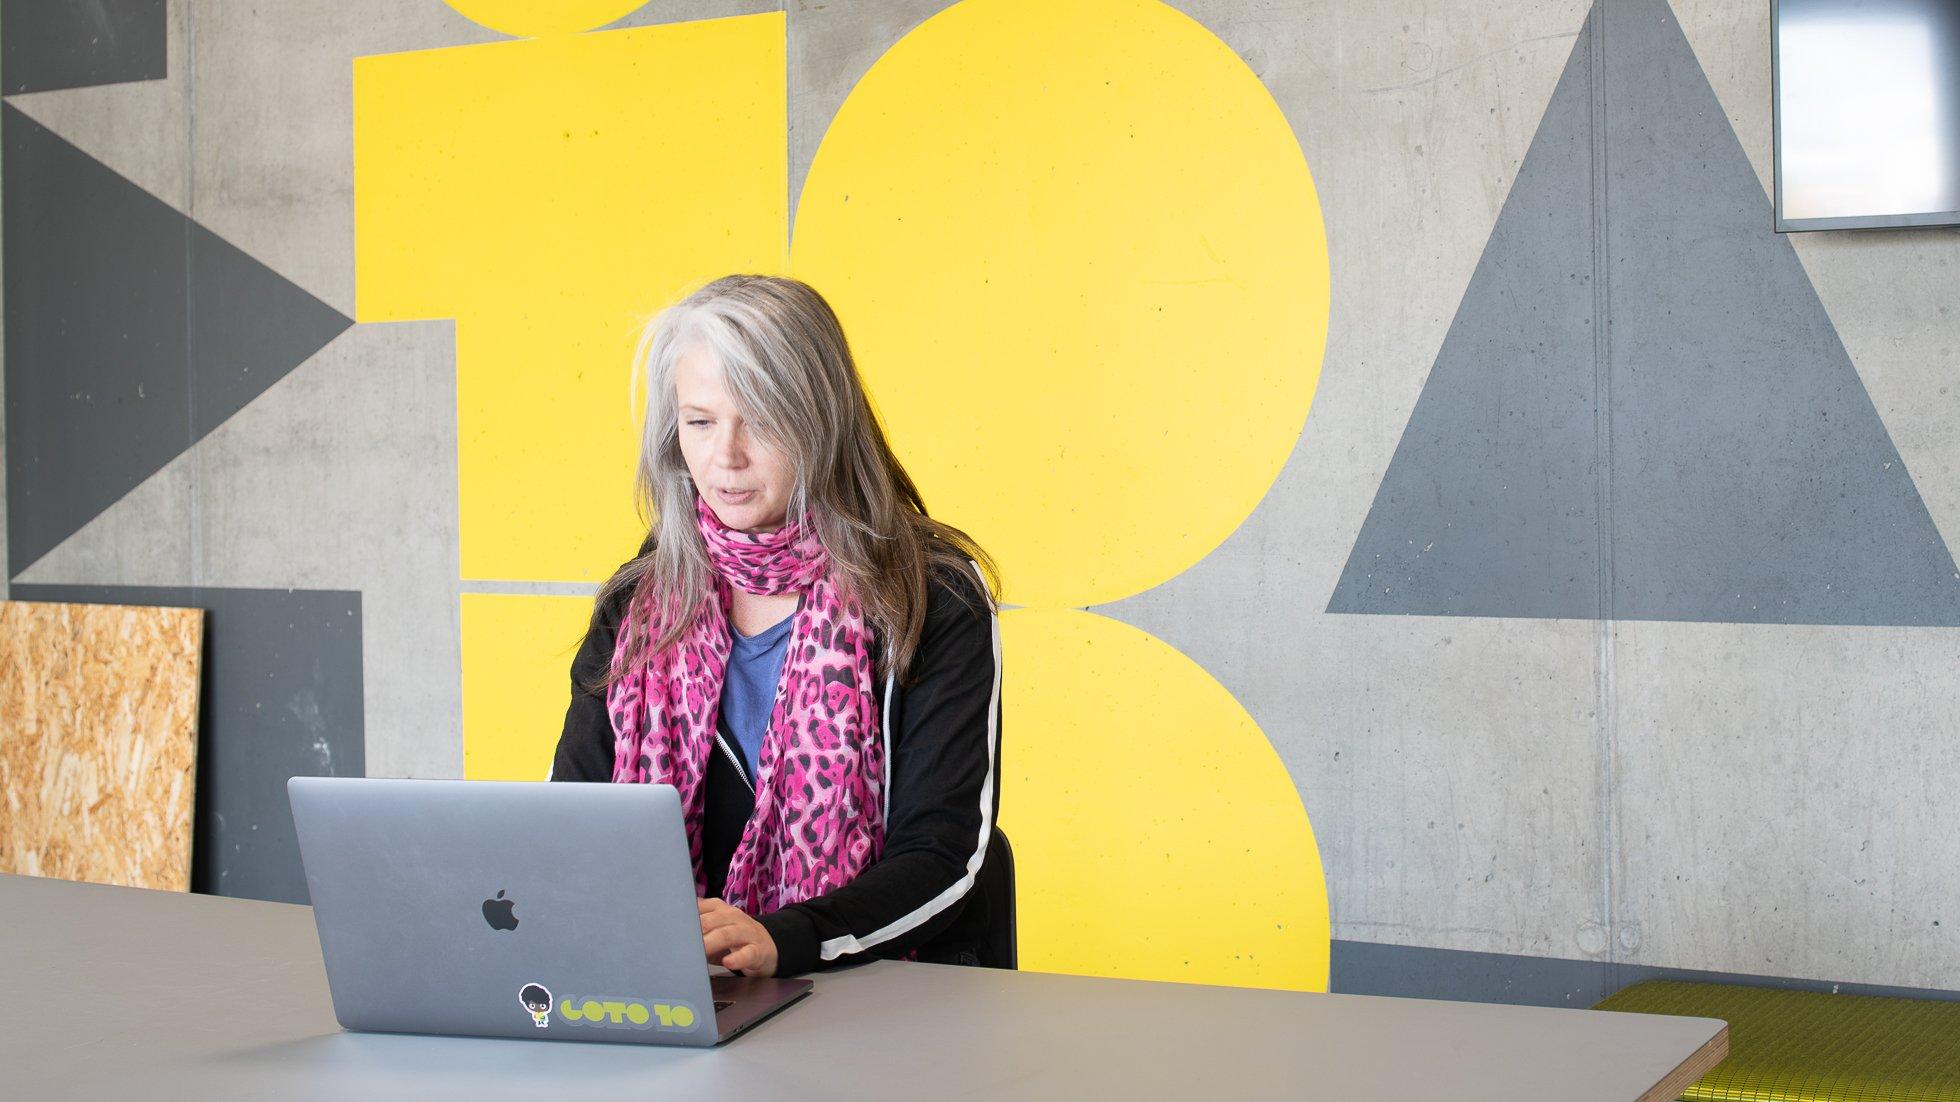 Kvinna sitter vid bord och skriver på sin laptop och sitter framför Goto 10-målning på väggen